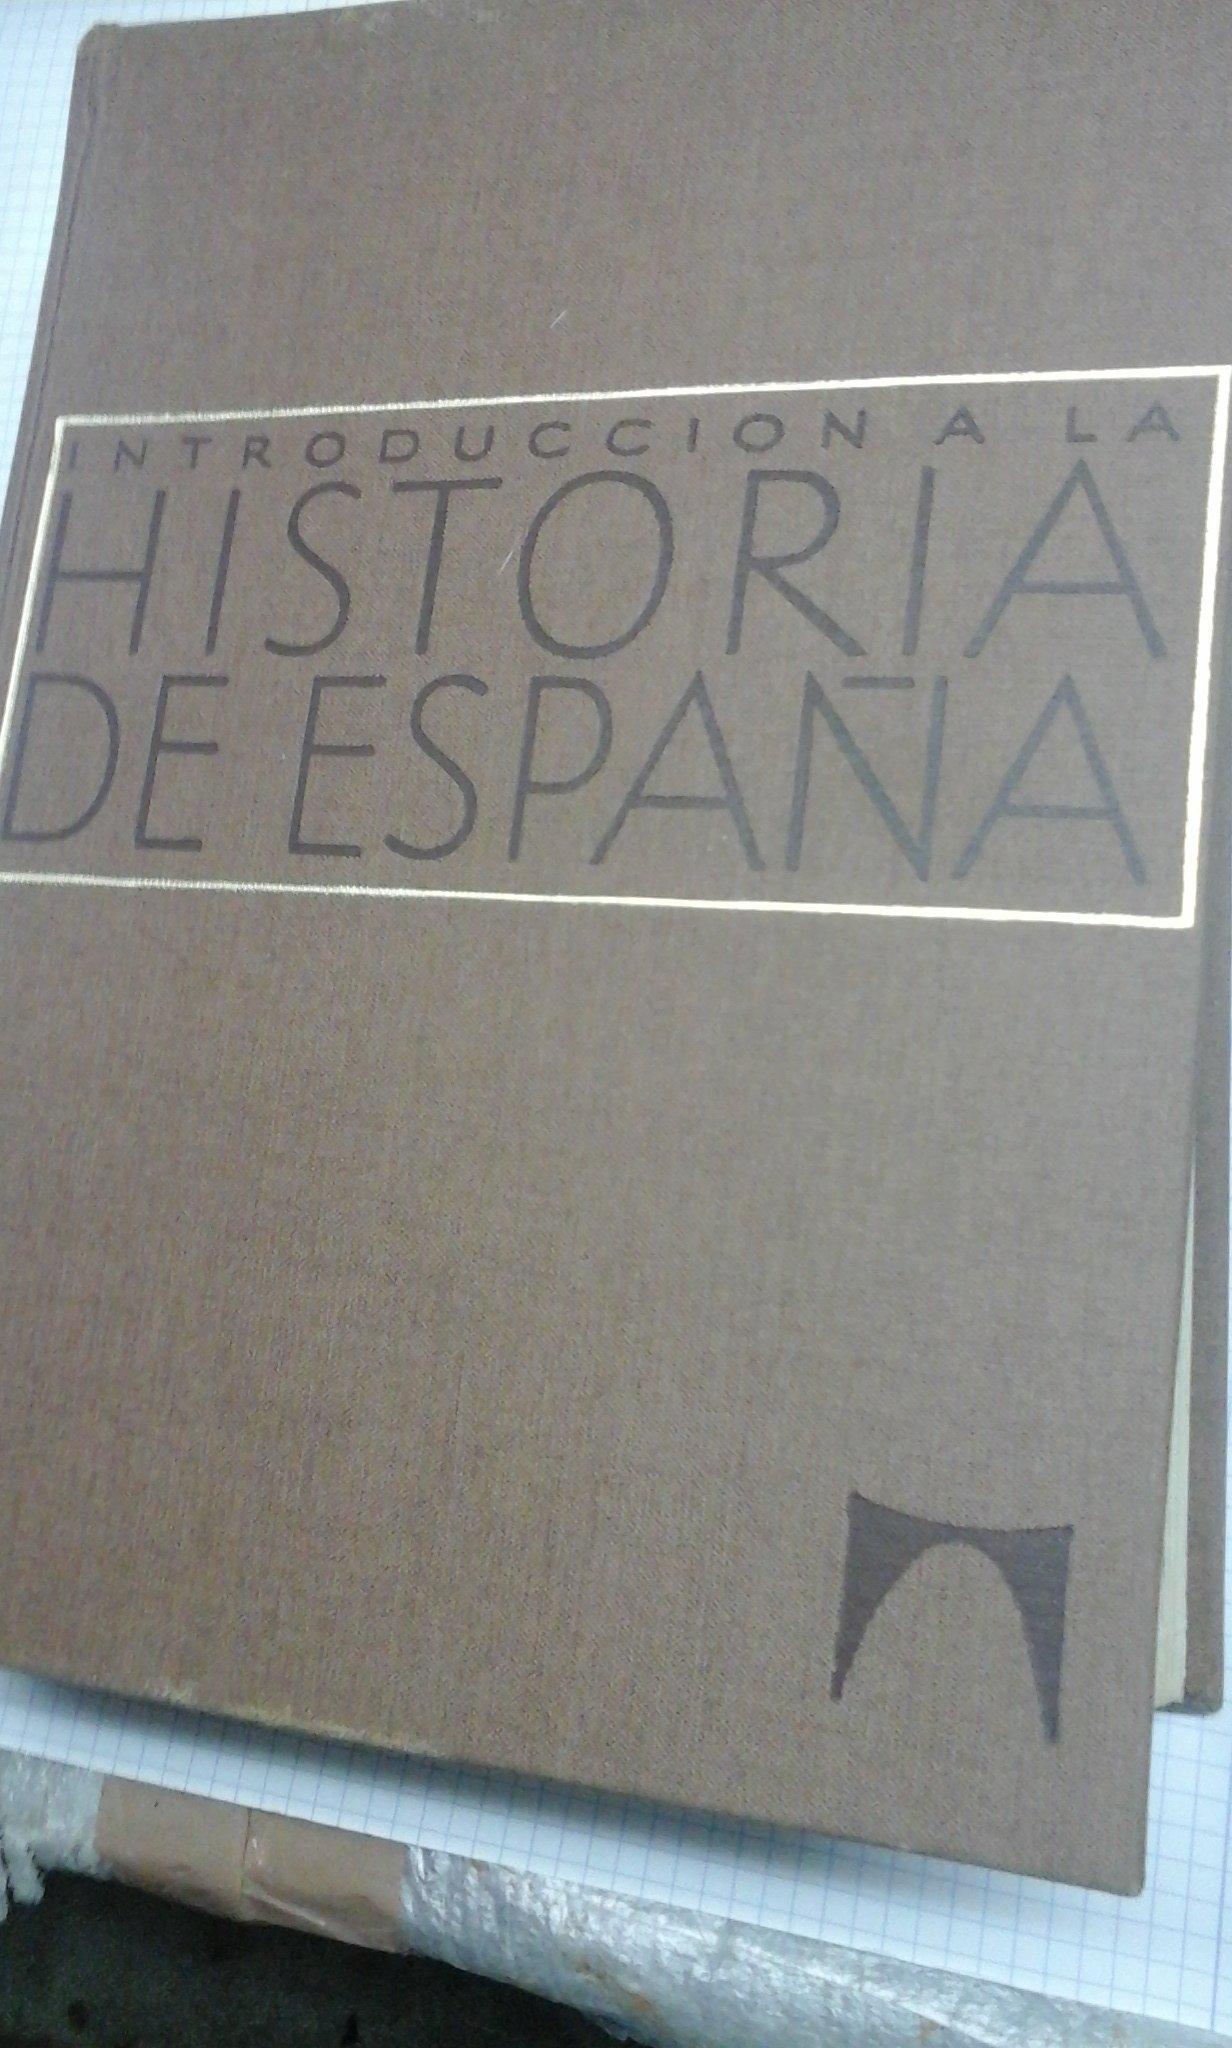 Introducción a la História de España: Amazon.es: Antonio Ubieto, Juan Reglá, José María Jover y Carlos Seco, Historia: Libros